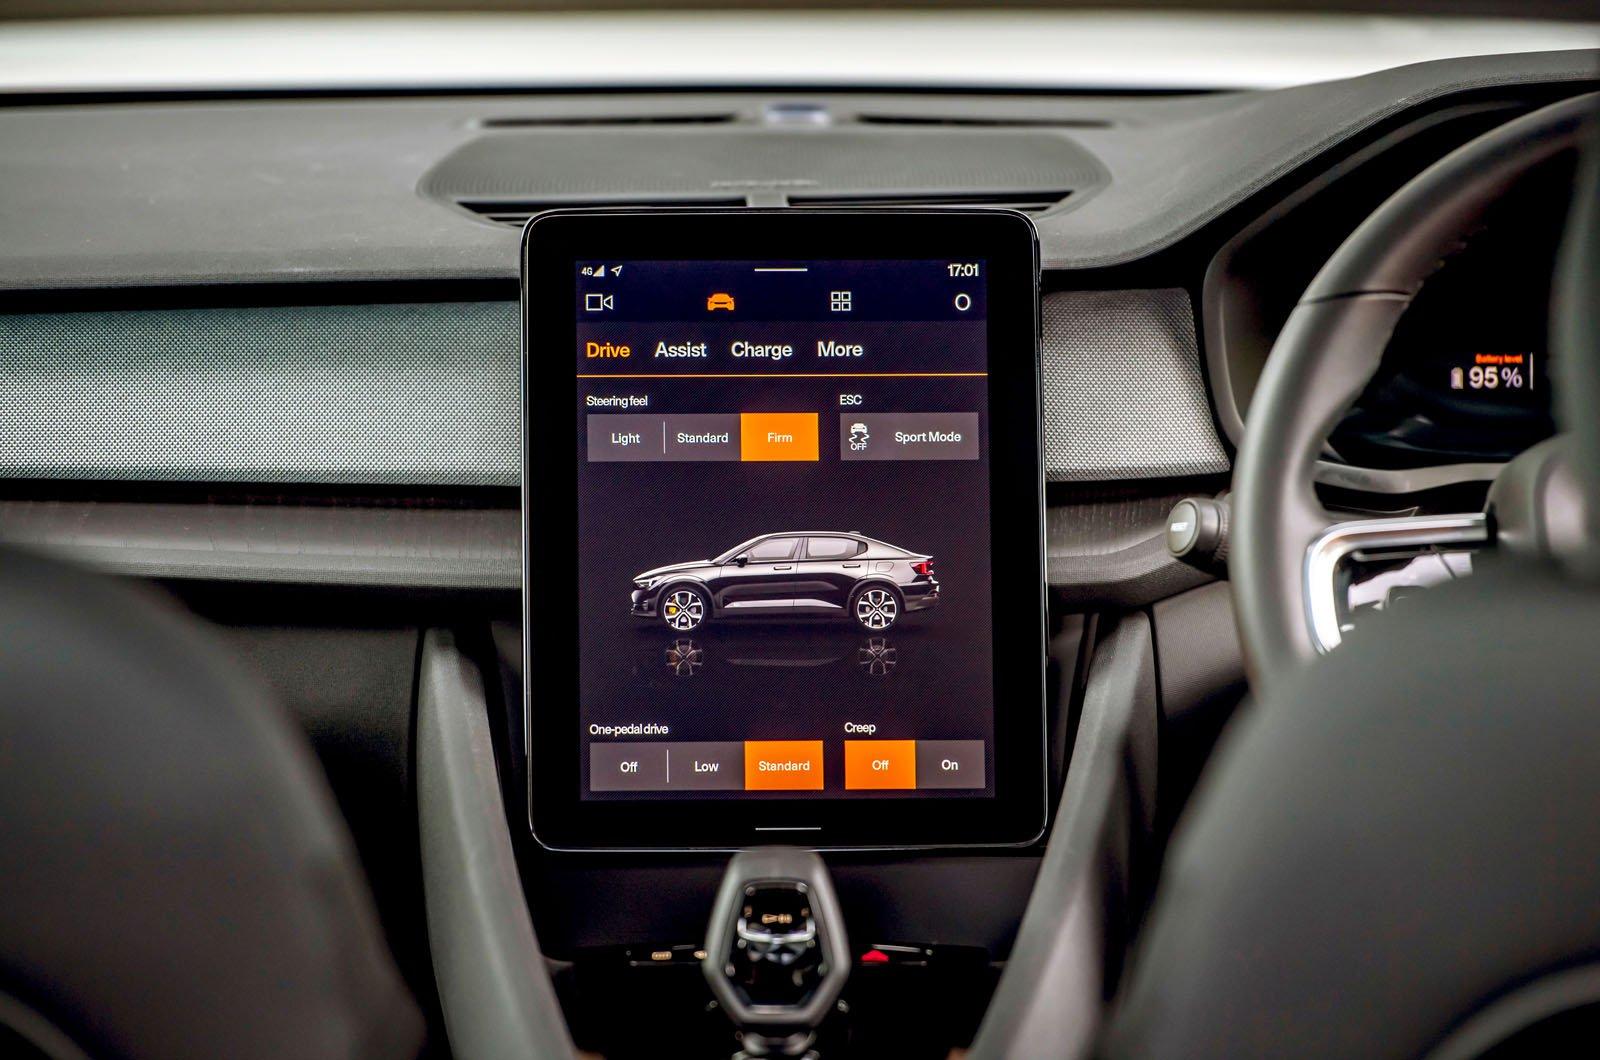 Polestar 2 touchscreen - 2020 car